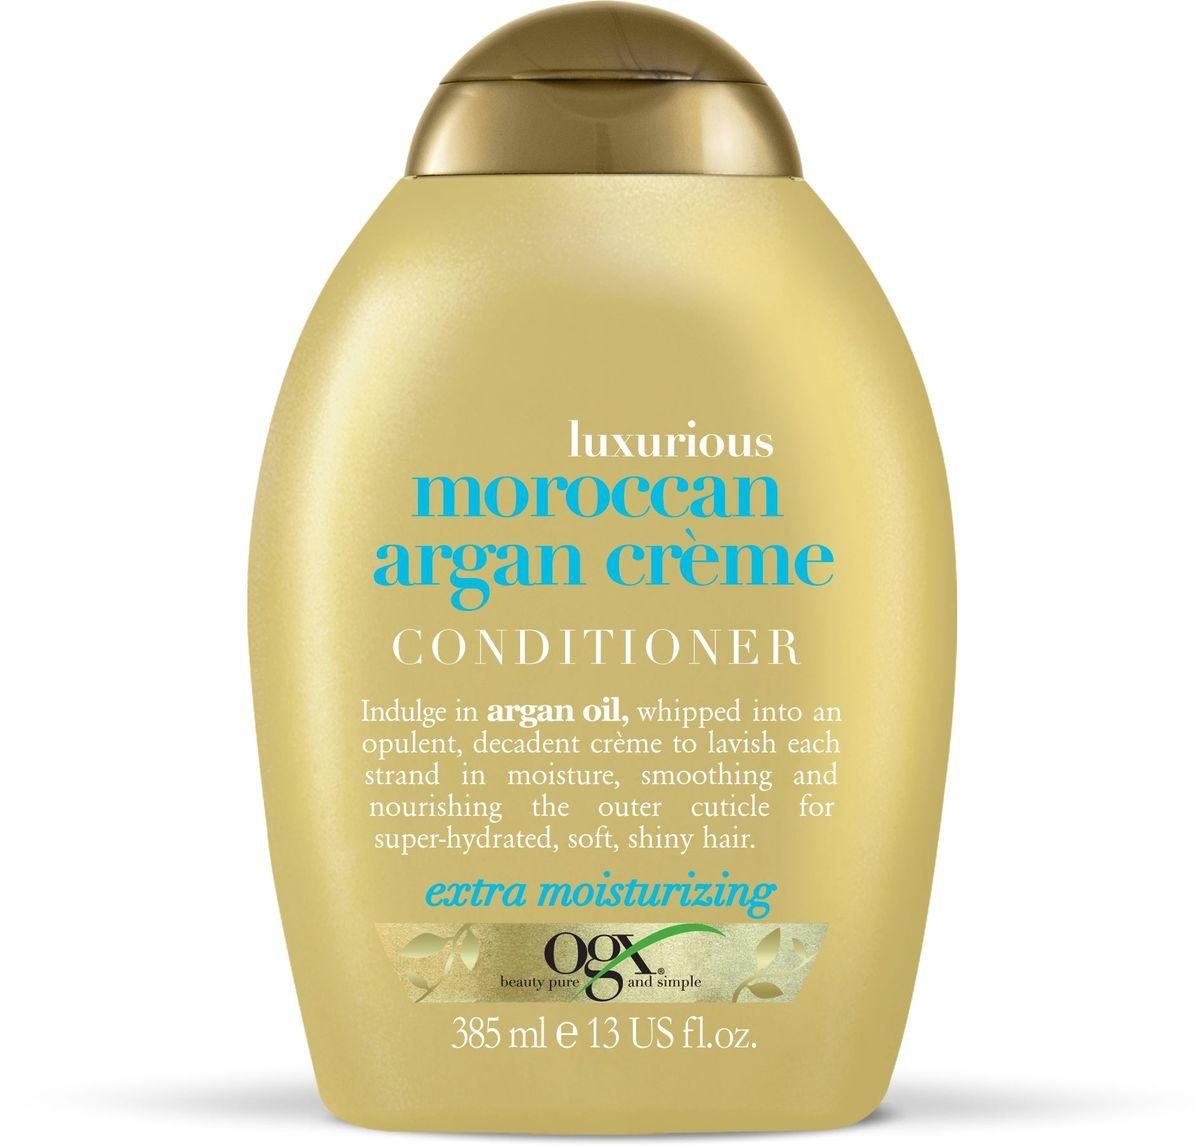 OGX Кремовый кондиционр для ухода за поврежденными волосами с Марокканским аргановым маслом, 385 мл.97652Кремовый Кондиционер с Марокканским Арганом идеально подходит для сухих, поврежденных волос. Увлажняющий аргановый крем разглаживает кутикулу волоса, питая пряди и запаивая секущиеся кончики.